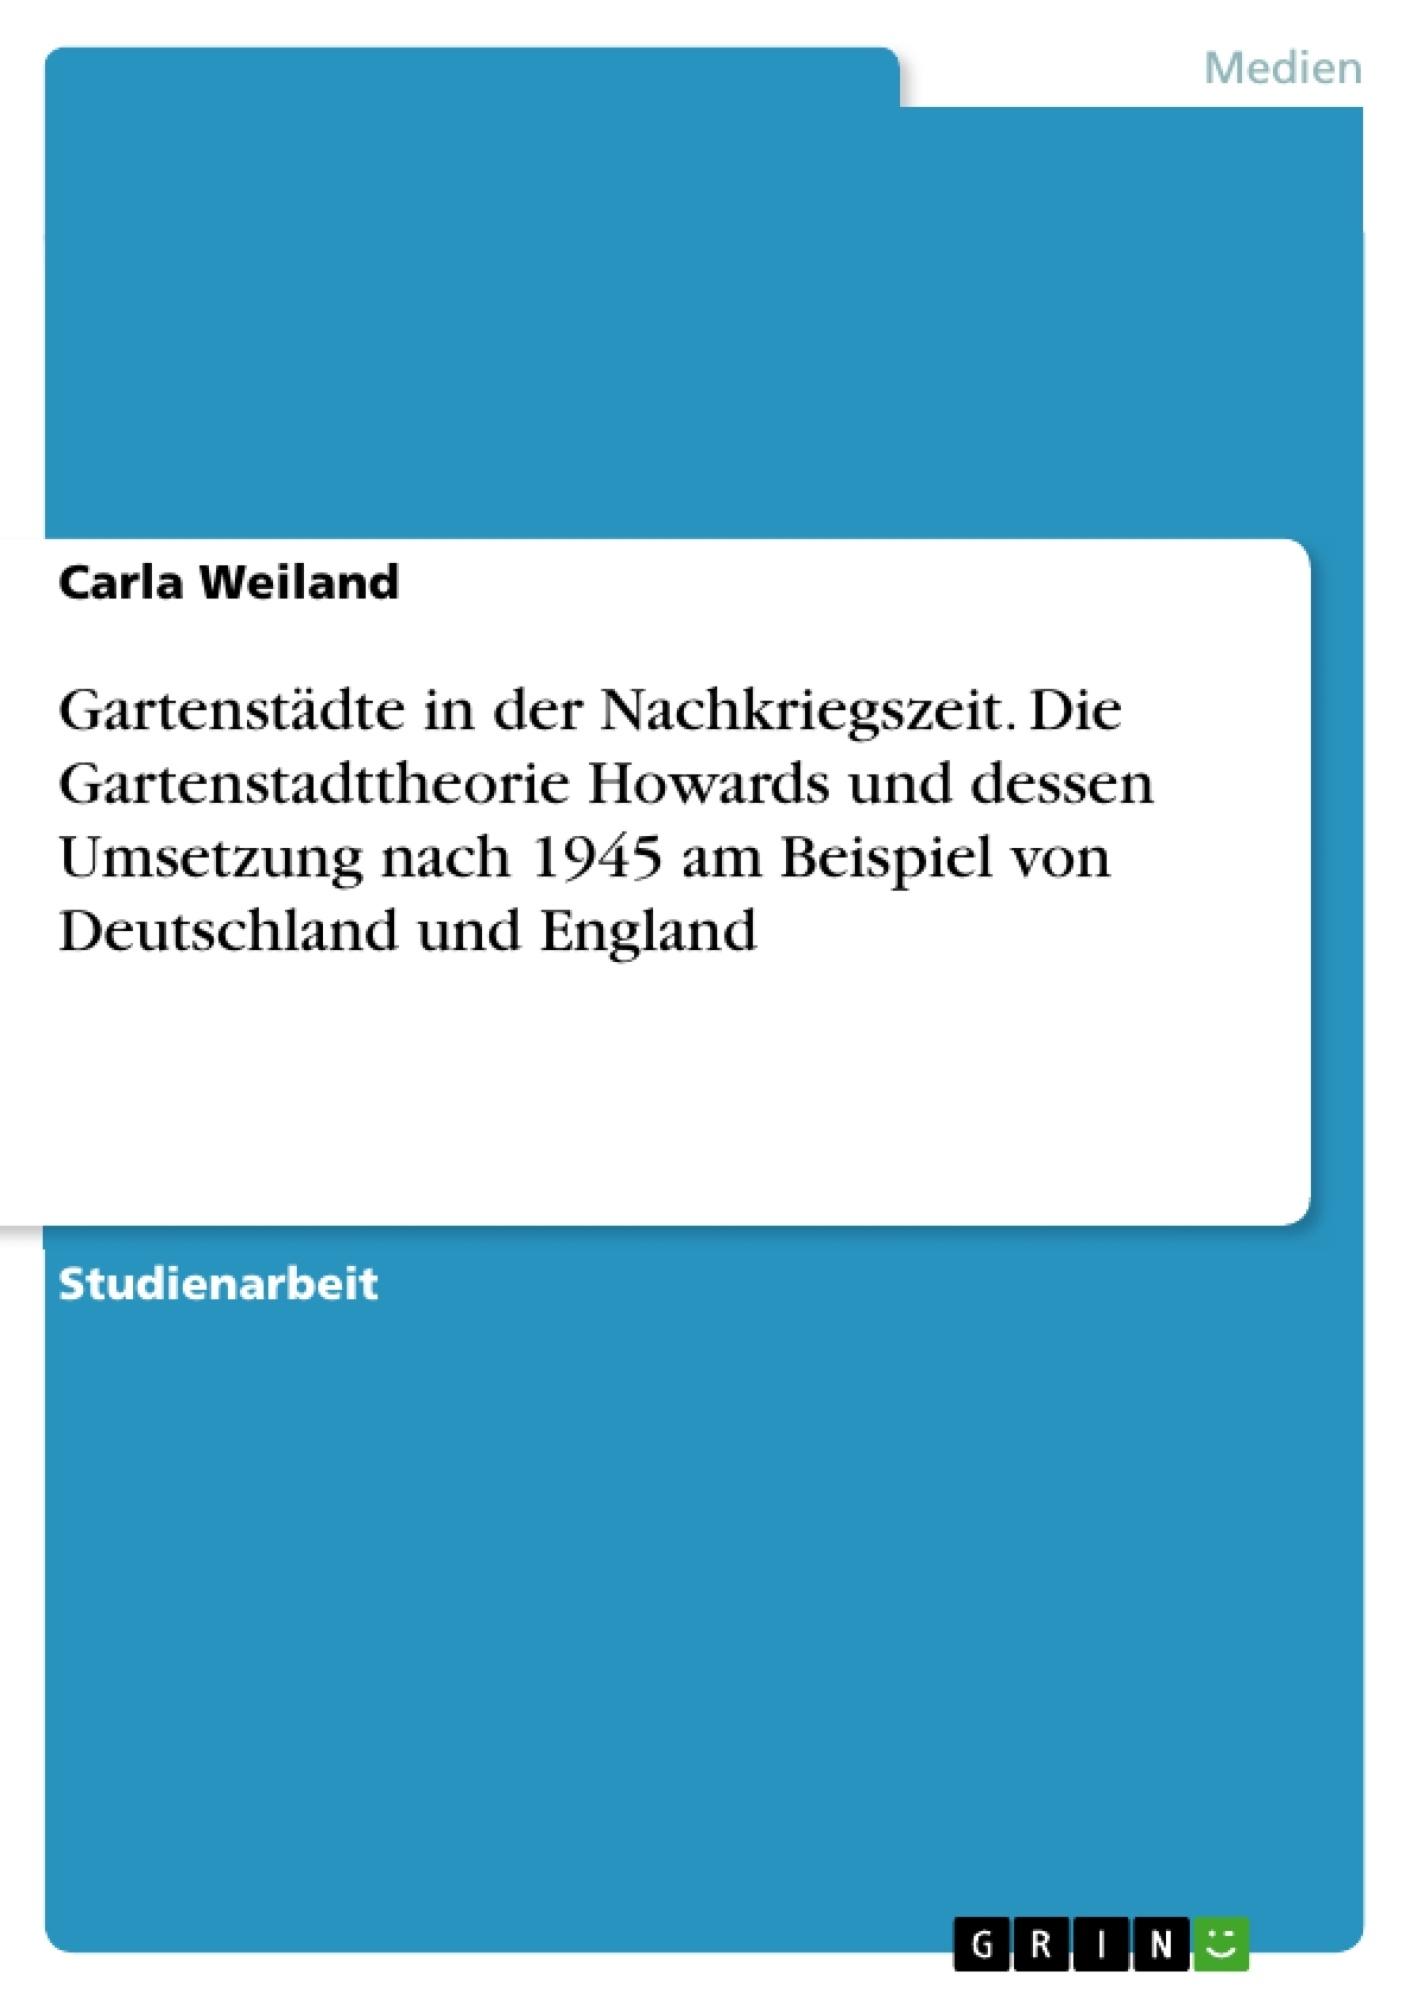 Titel: Gartenstädte in der Nachkriegszeit. Die Gartenstadttheorie Howards und dessen Umsetzung nach 1945 am Beispiel von Deutschland und England